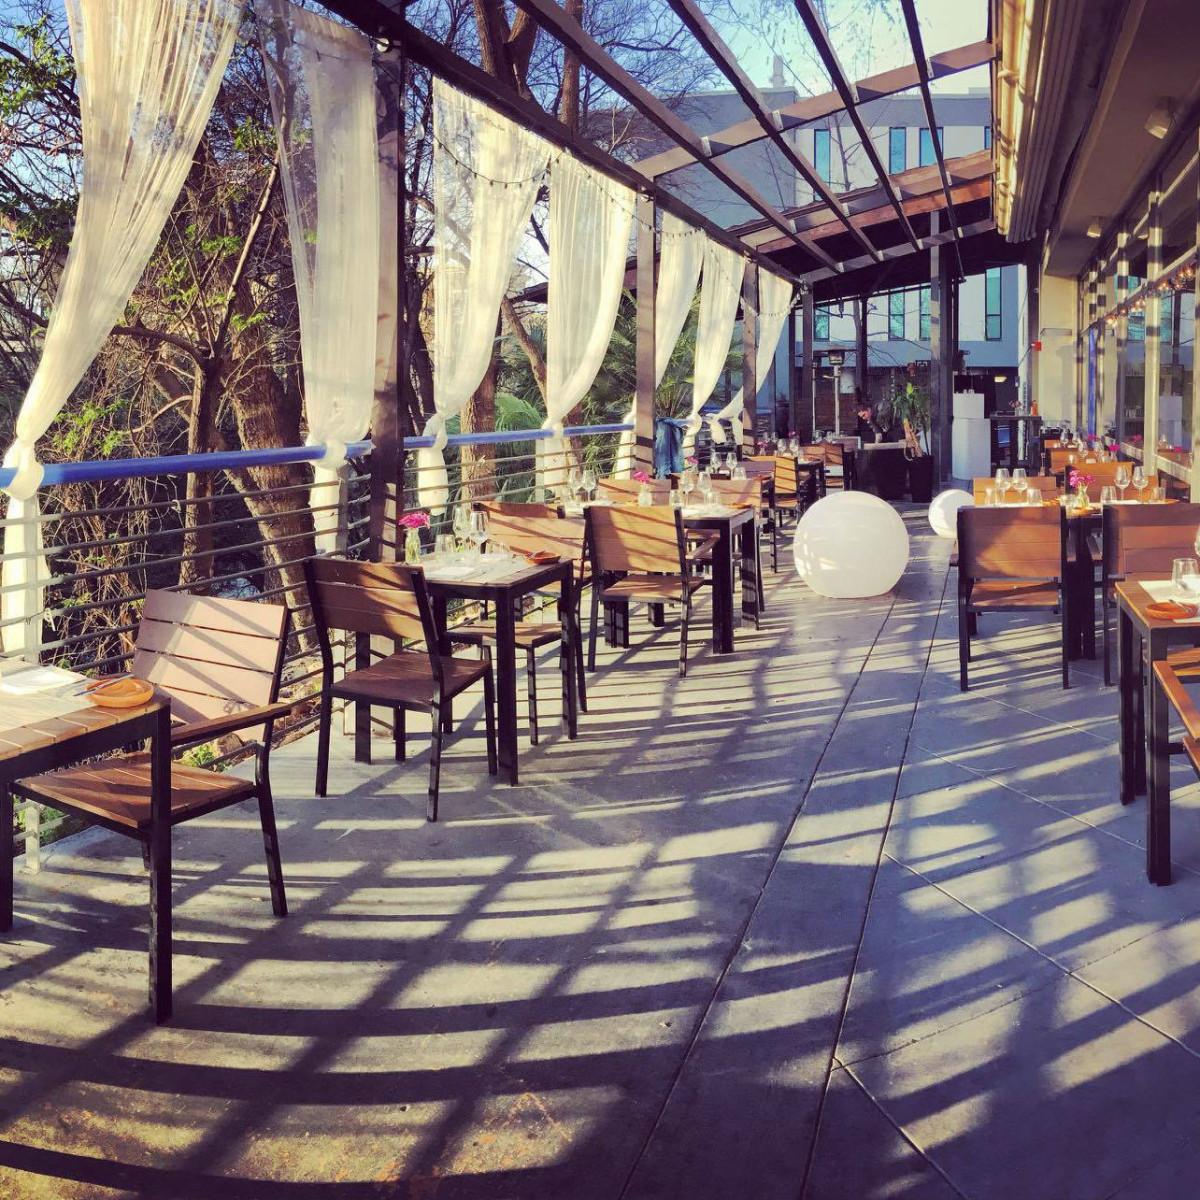 Prelog's patio